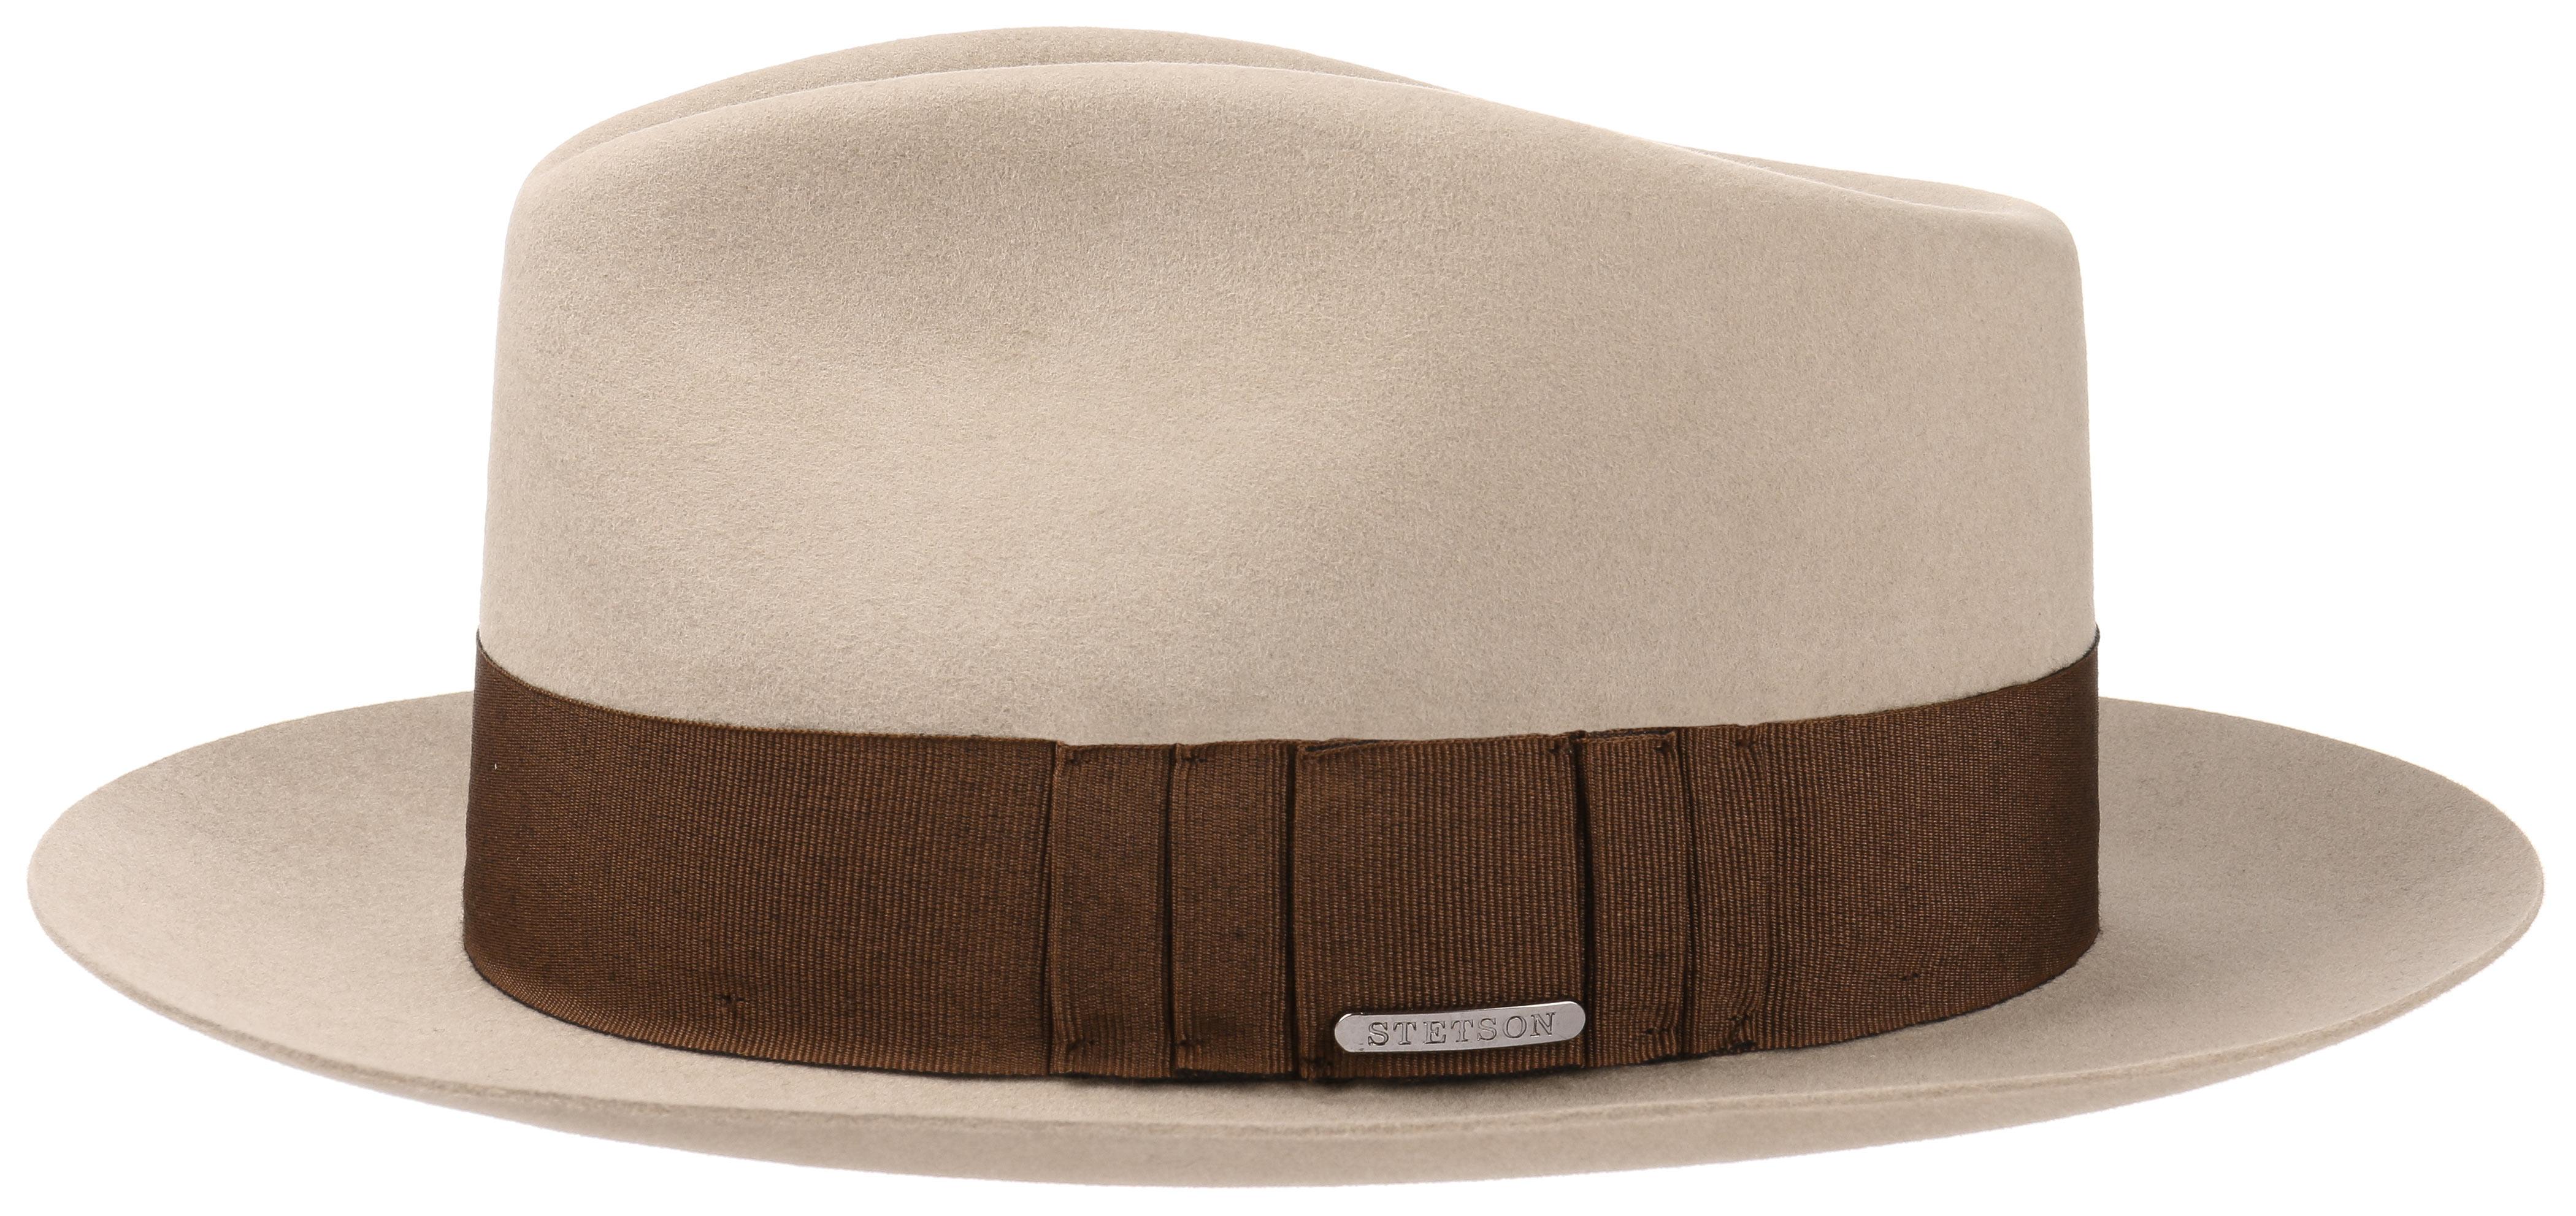 a0fb33ecafe Stetson Orify je klasický klobouk typu fedora